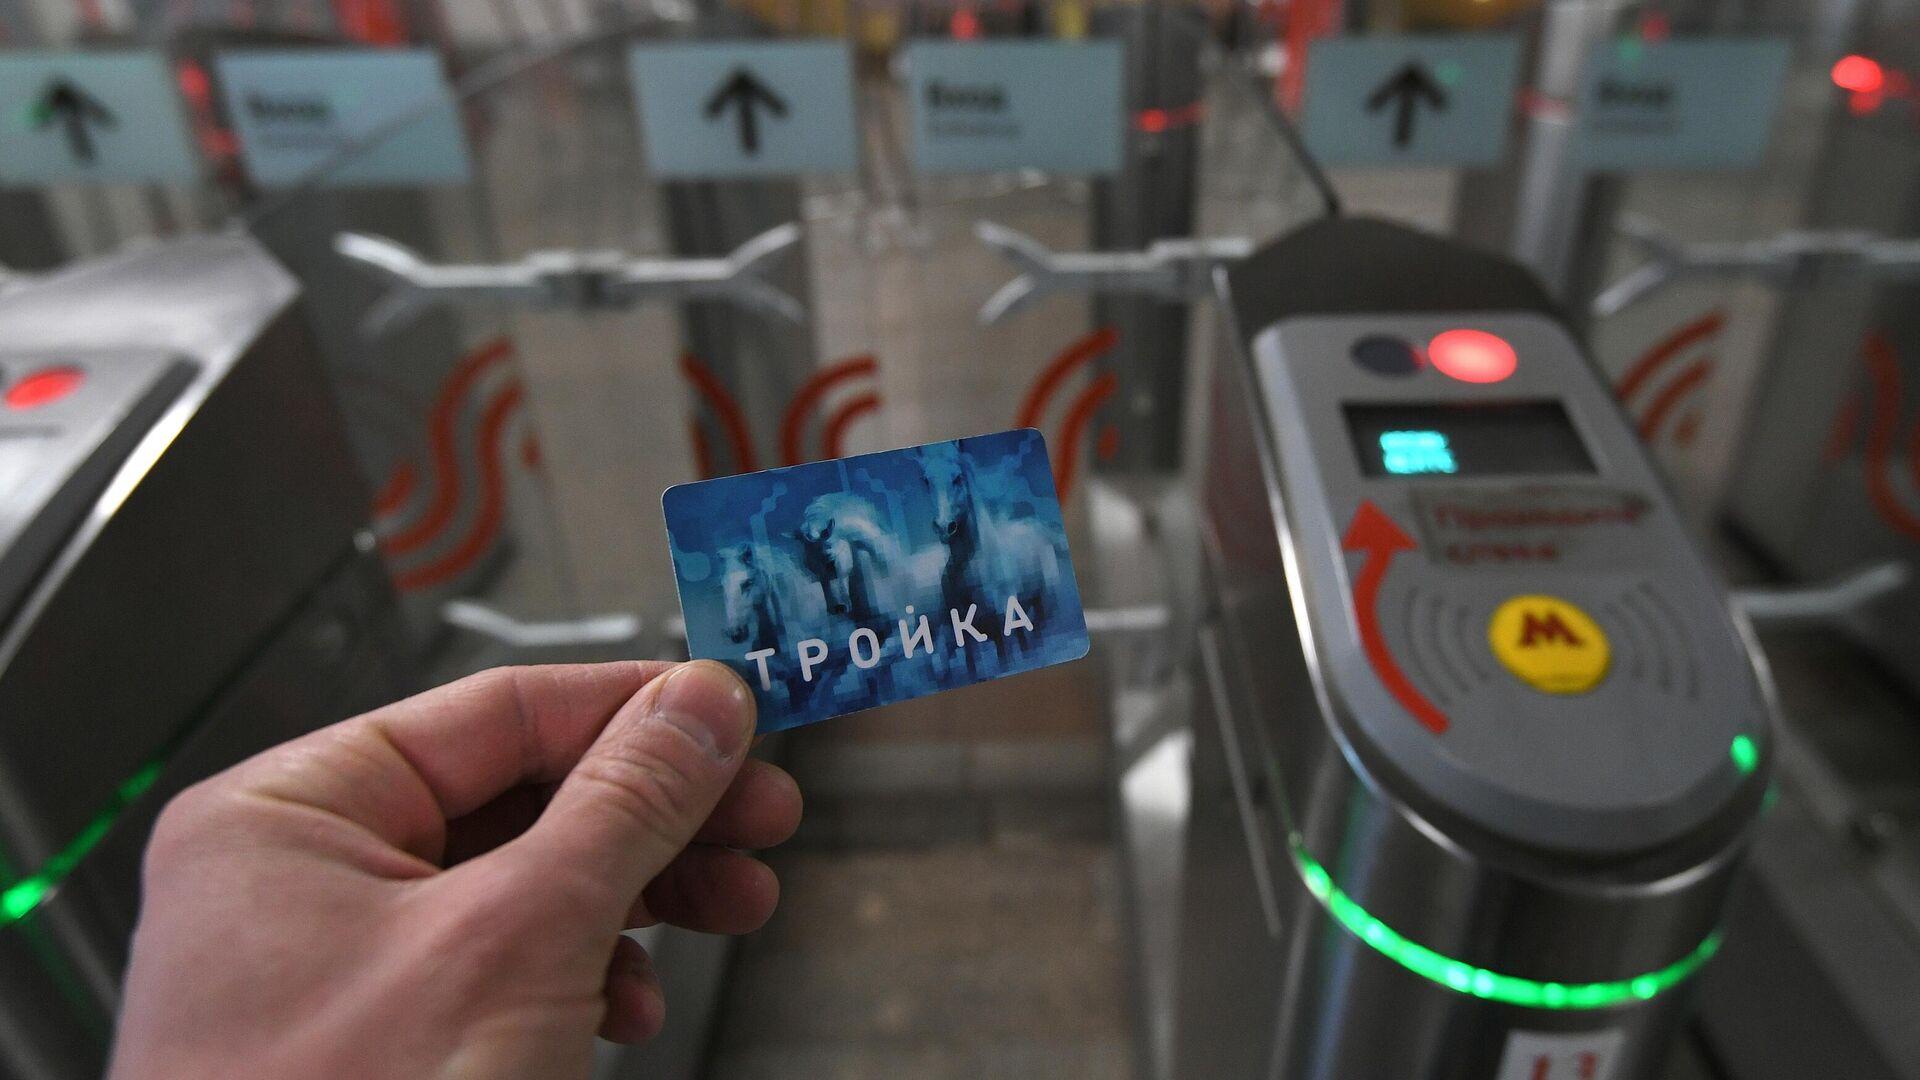 Пассажир проходит с картой Тройка через турникет на станции метро Тушинская в Москве - РИА Новости, 1920, 29.10.2020